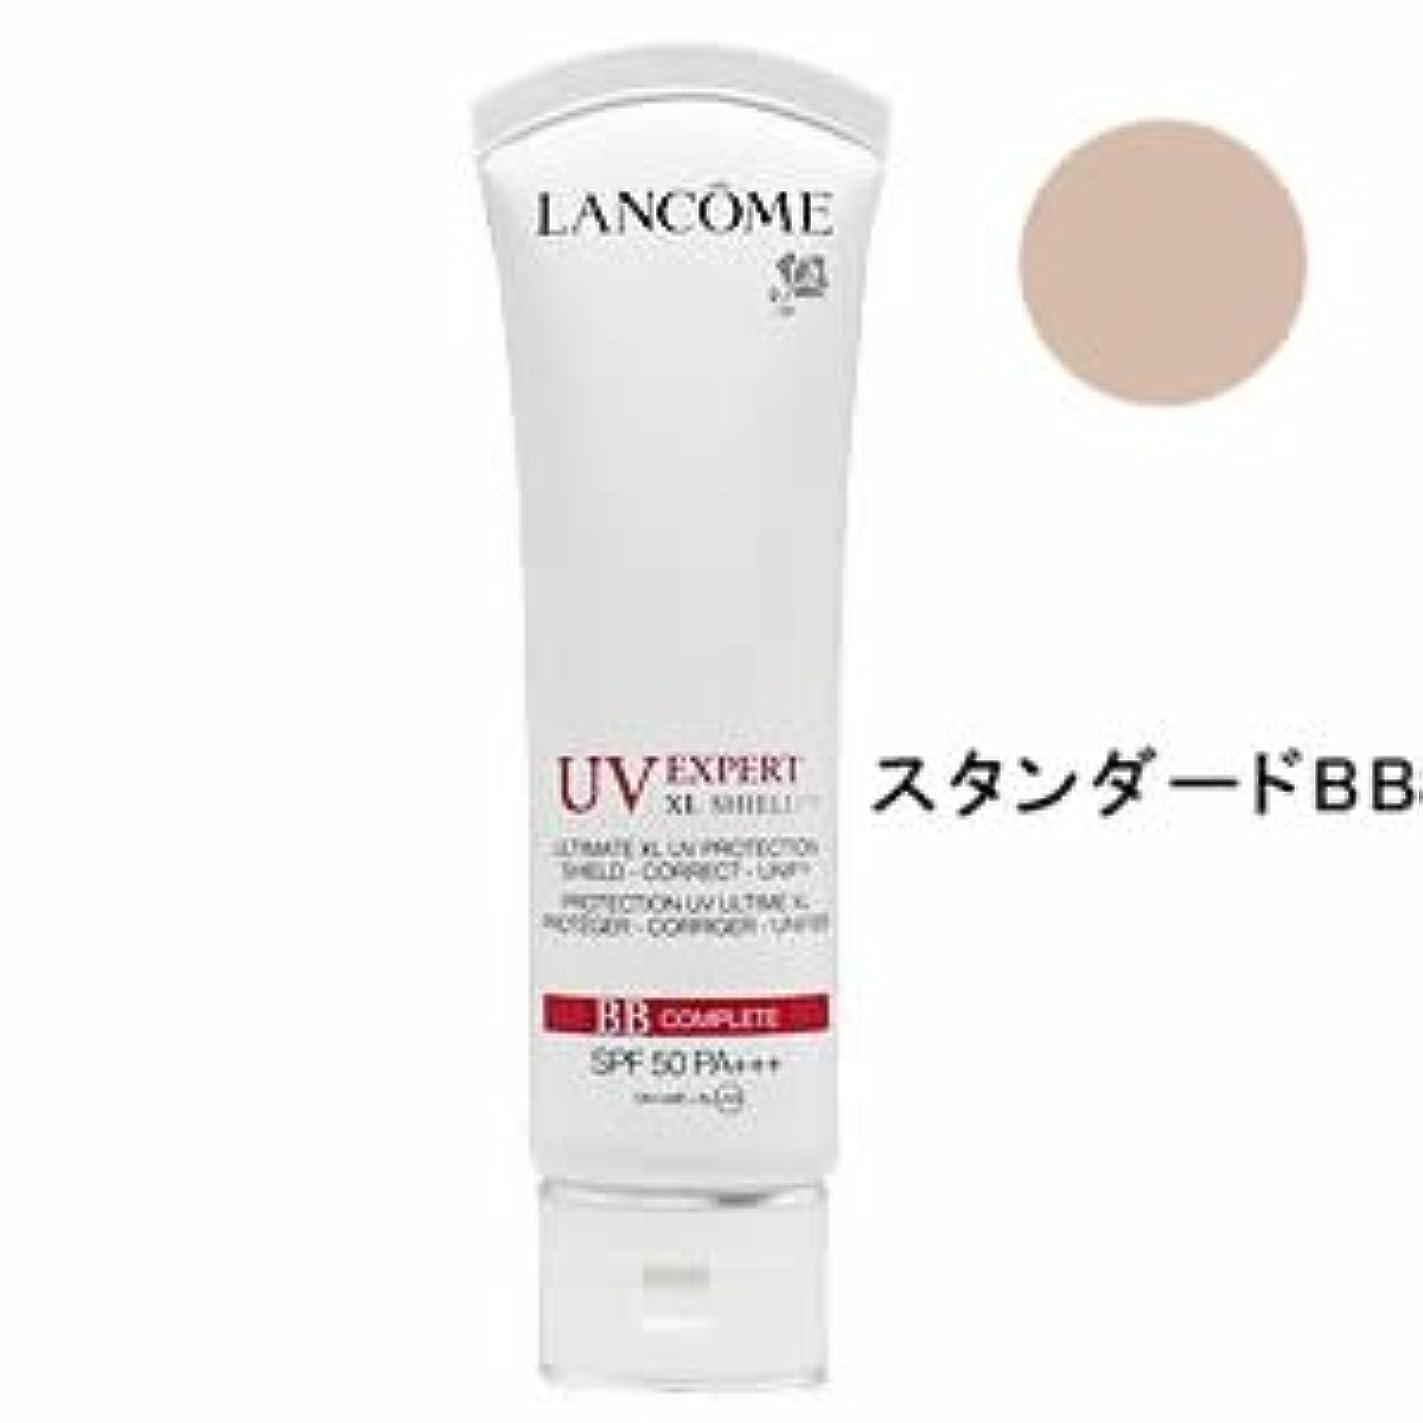 無人九月コンペ【ランコム】UV エクスペール XL BB 50ml [並行輸入品]